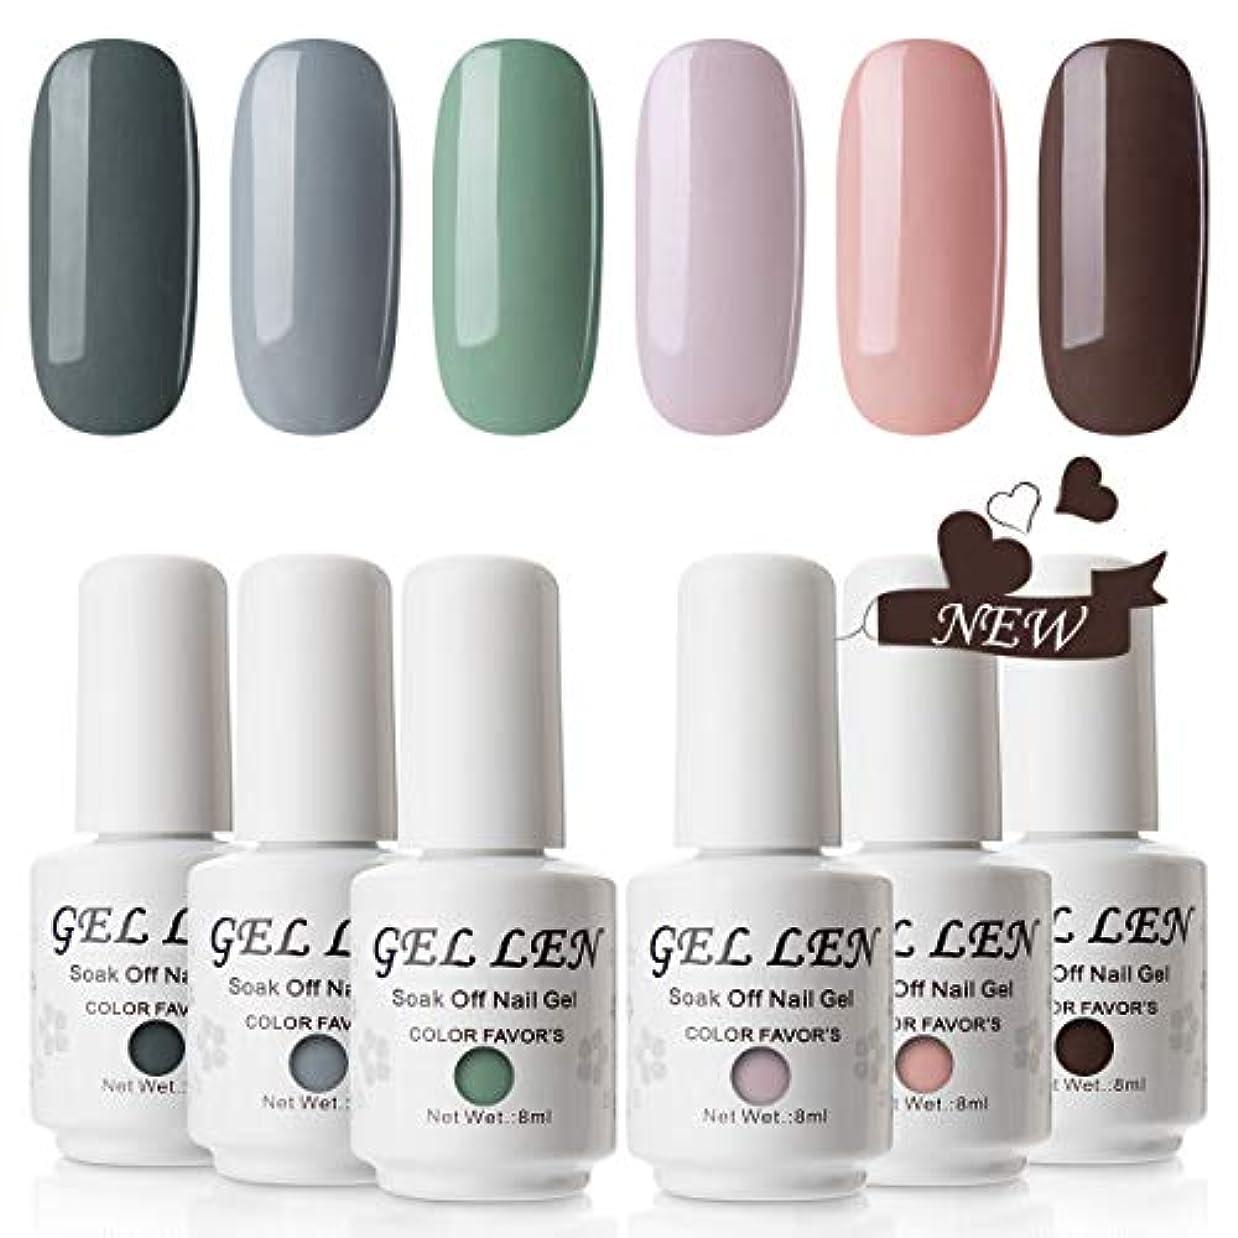 自分療法たっぷりGellen ジェルネイル カラージェル 厳選6色 UV/LED ラメ 全ての女性に愛されるカラー 8ml くすみカラー 和色